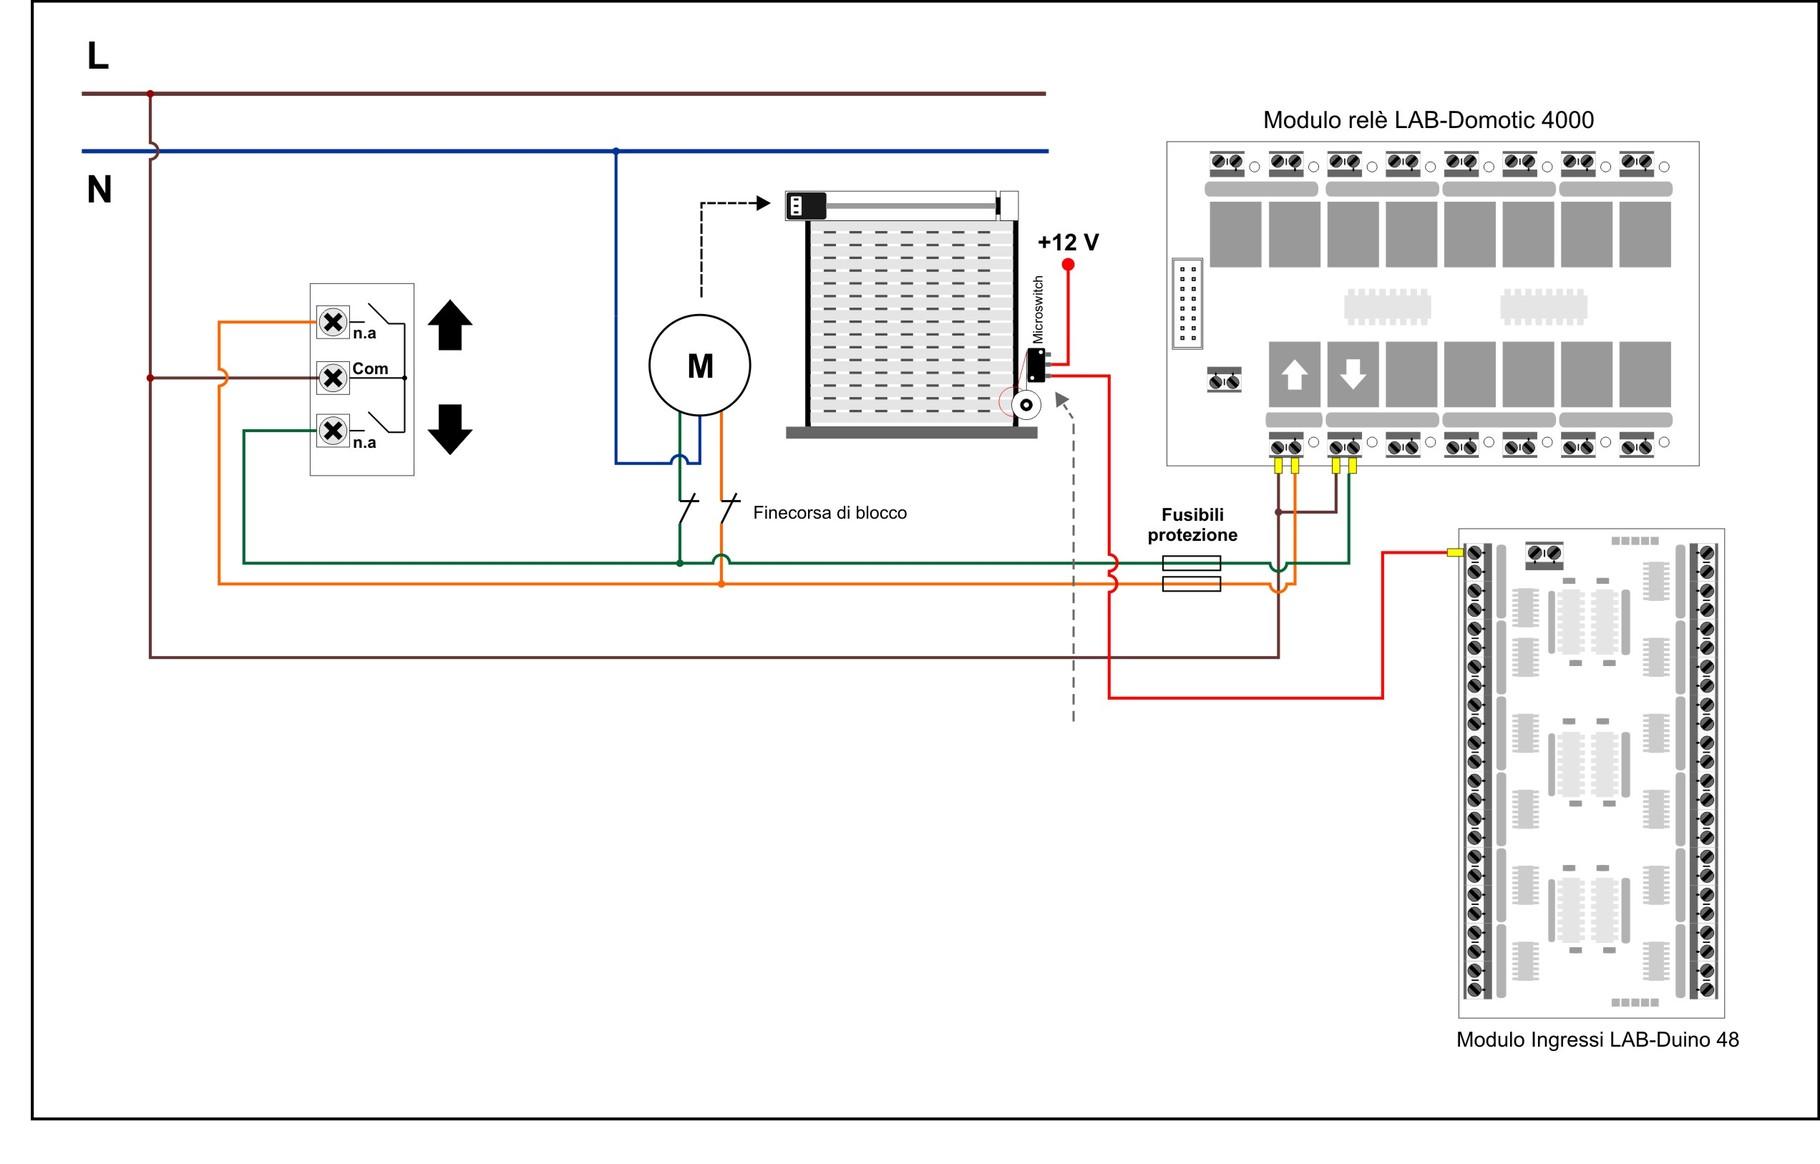 Schemi Elettrici Arduino : Schemi elettrici collegamento serrande labdomotic progetto